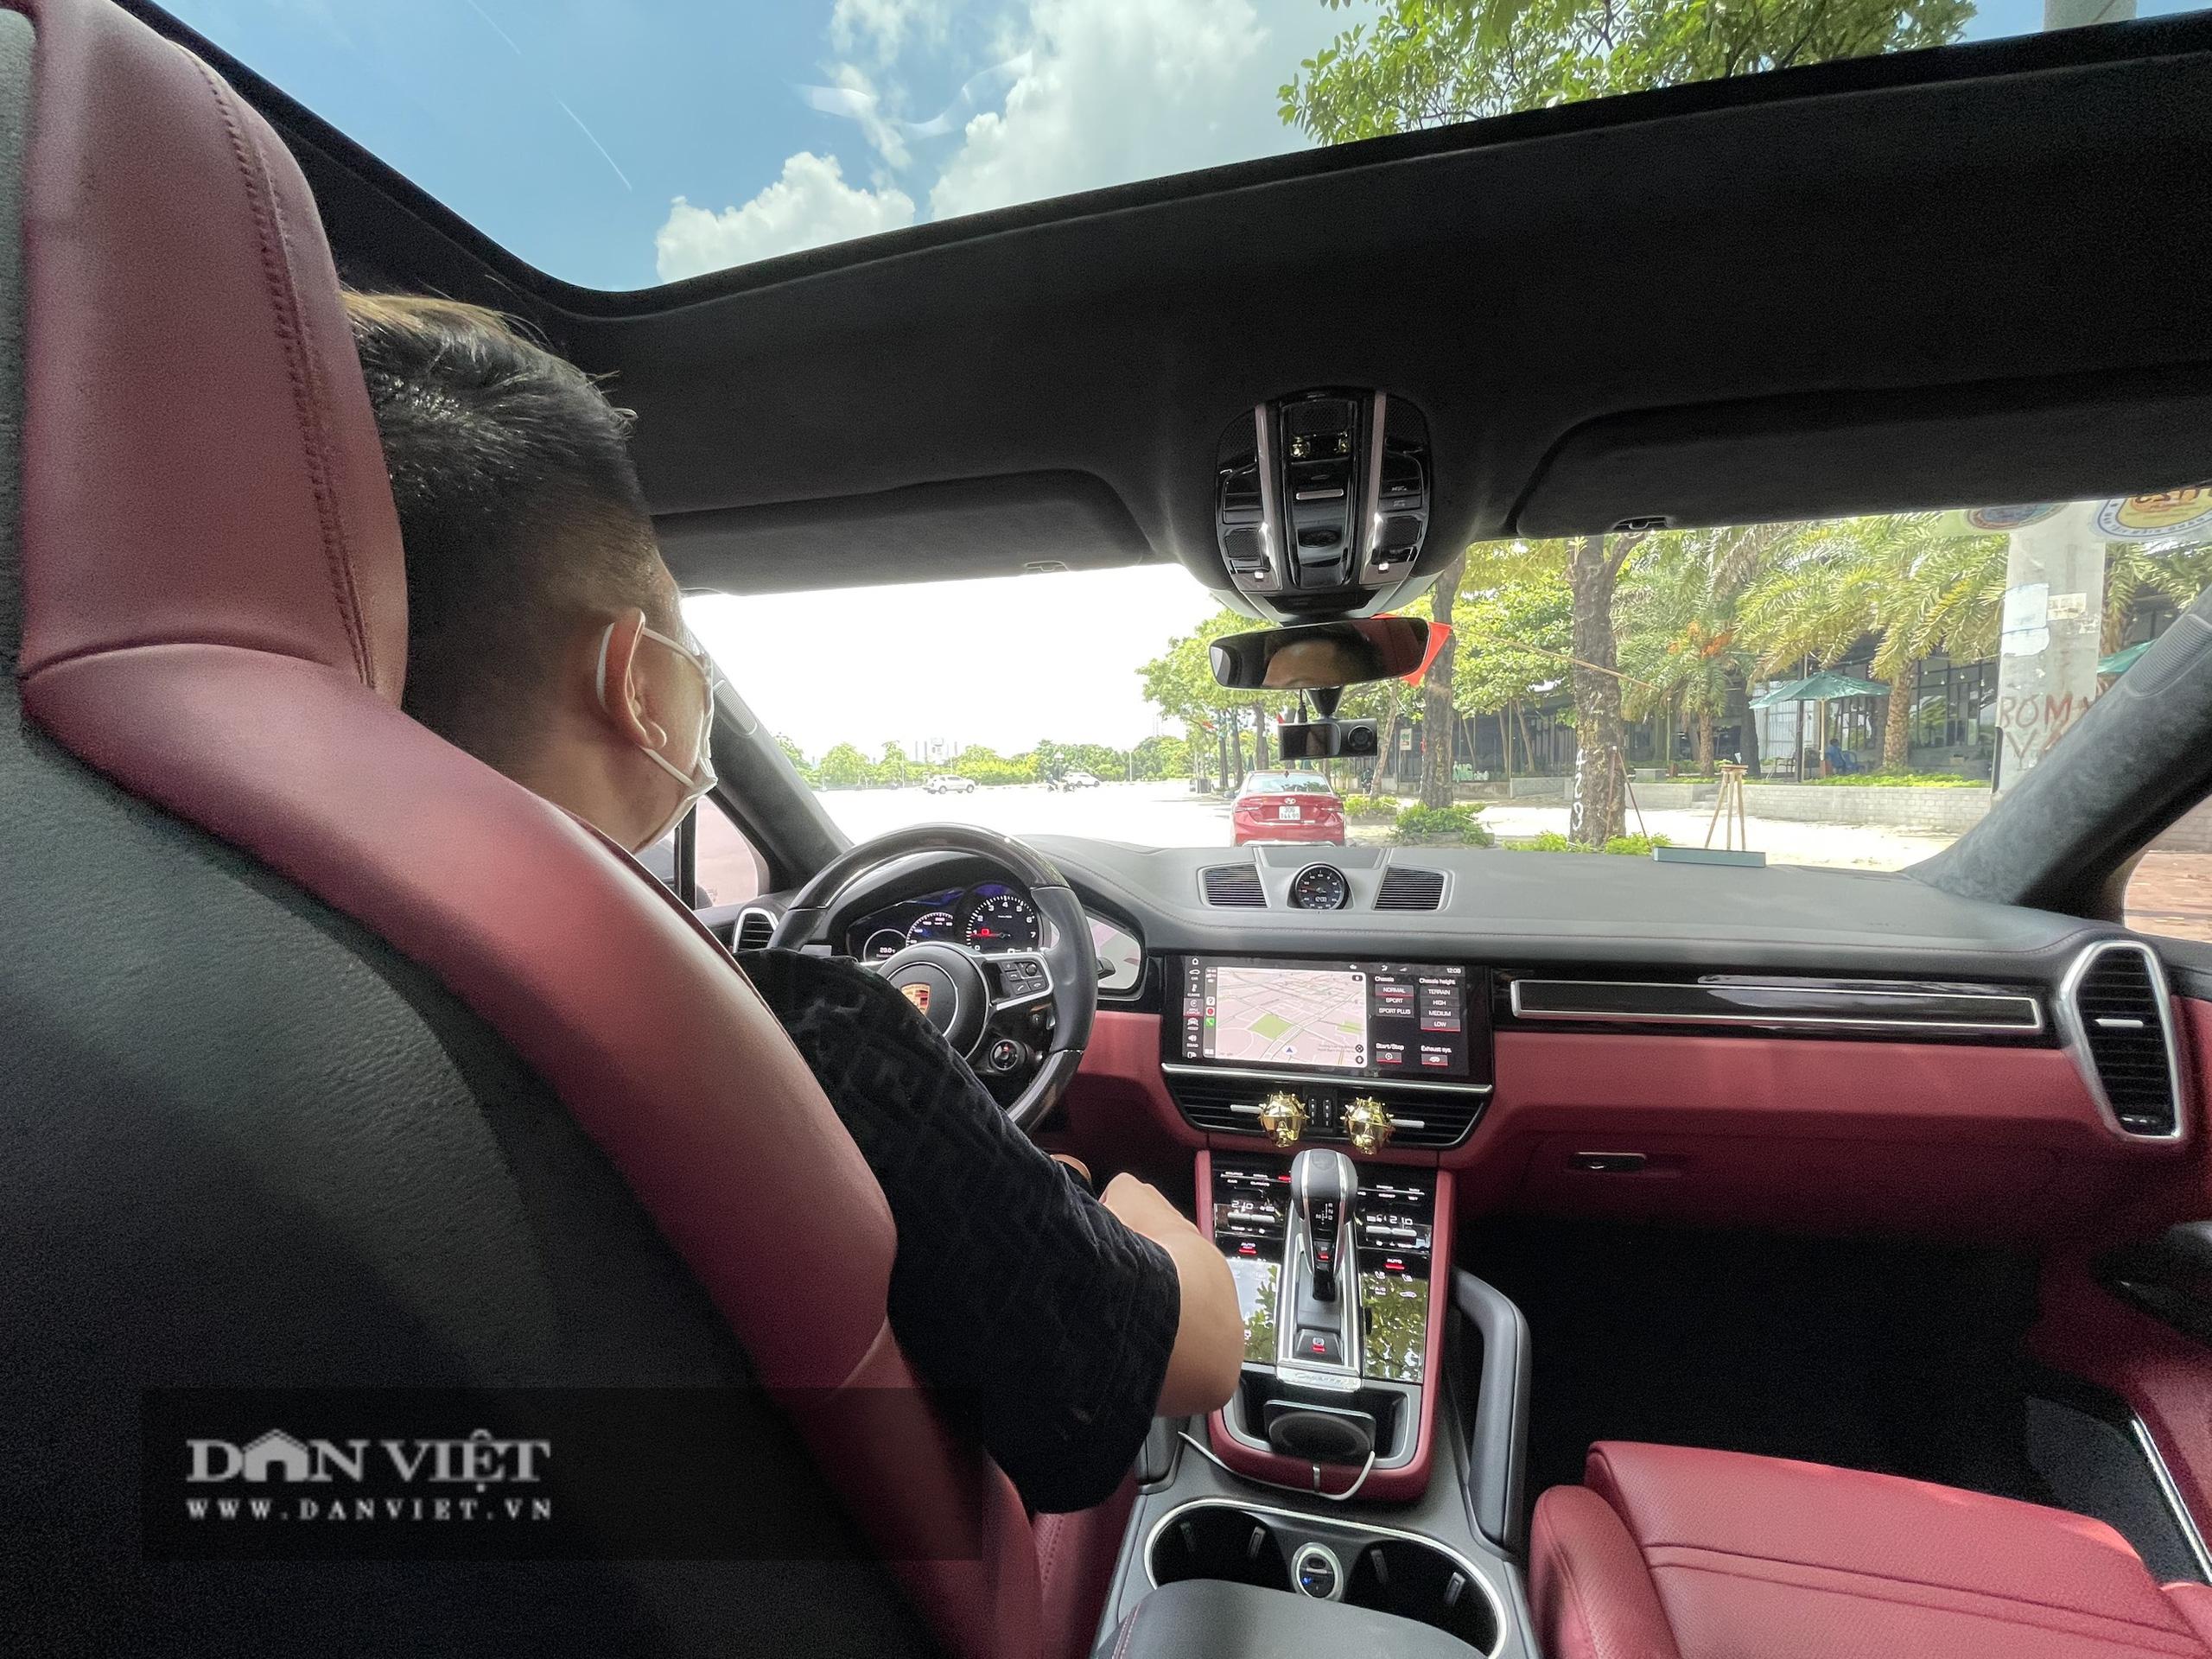 """Chủ siêu xe Porsche Cayenne Coupe độc nhất Việt Nam: """"Khi ôm vô-lăng là tận hưởng"""" - Ảnh 1."""